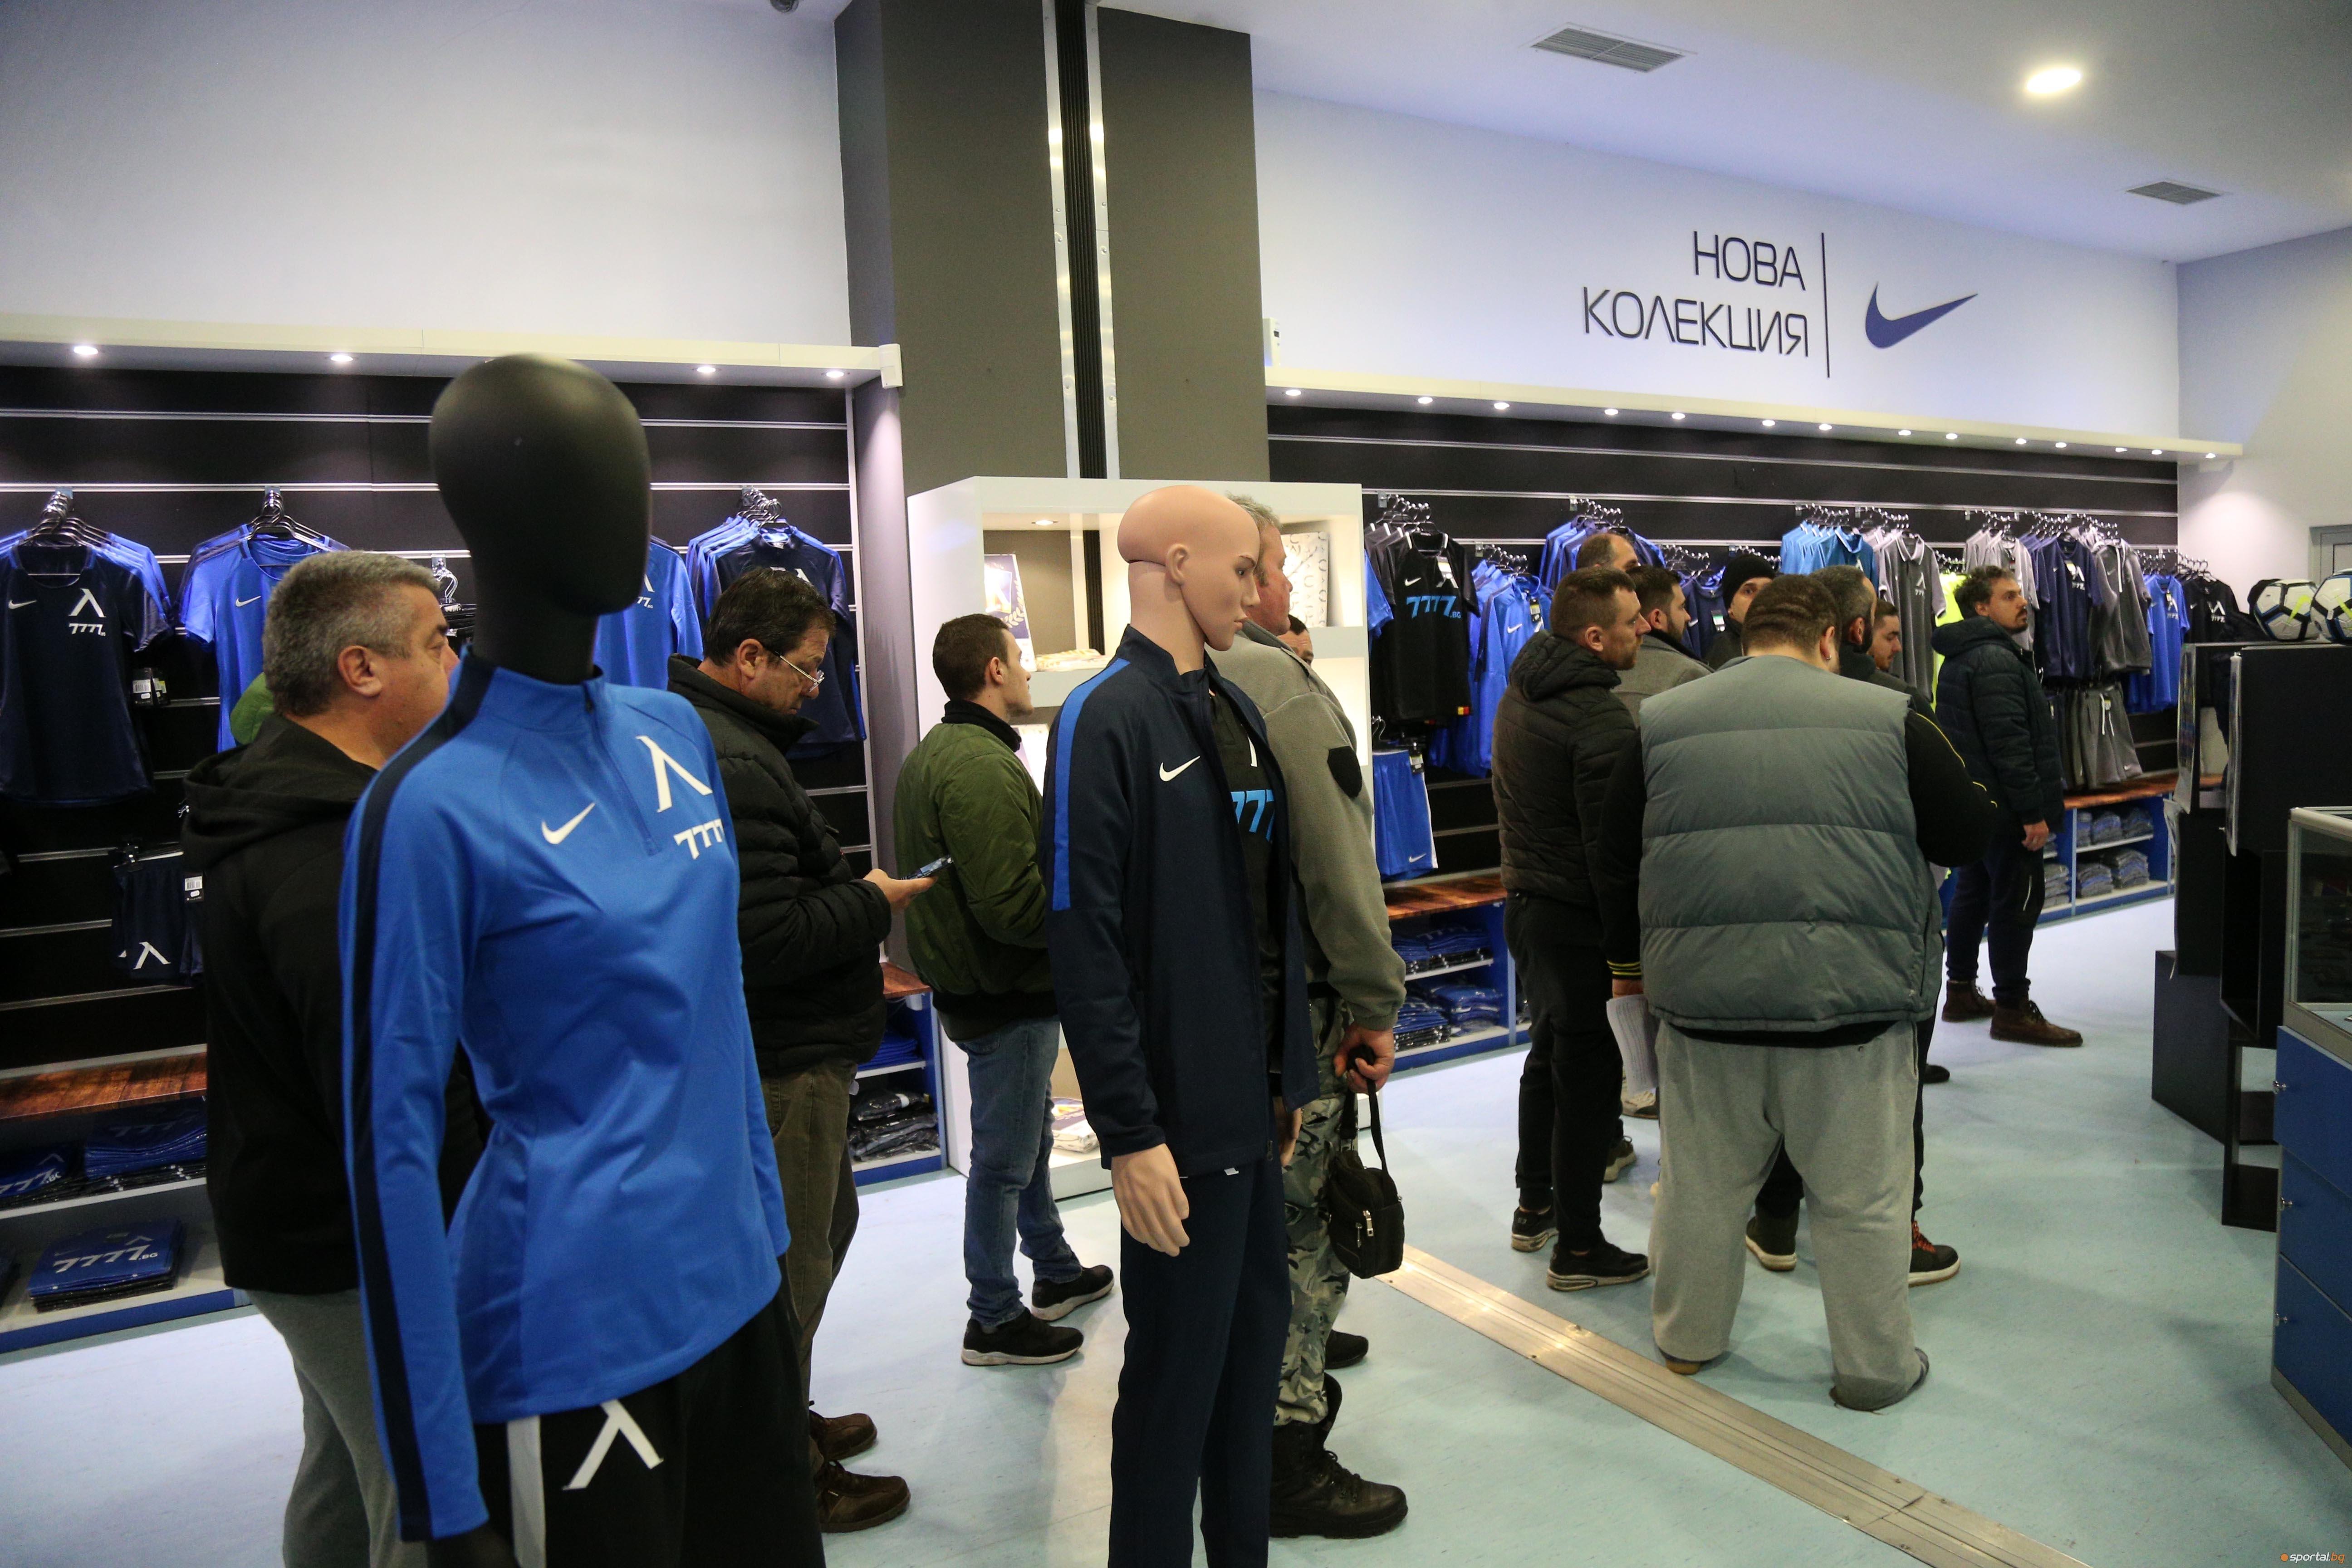 Мобилизацията сред феновете на Левски продължава. Клубният магазин отново е